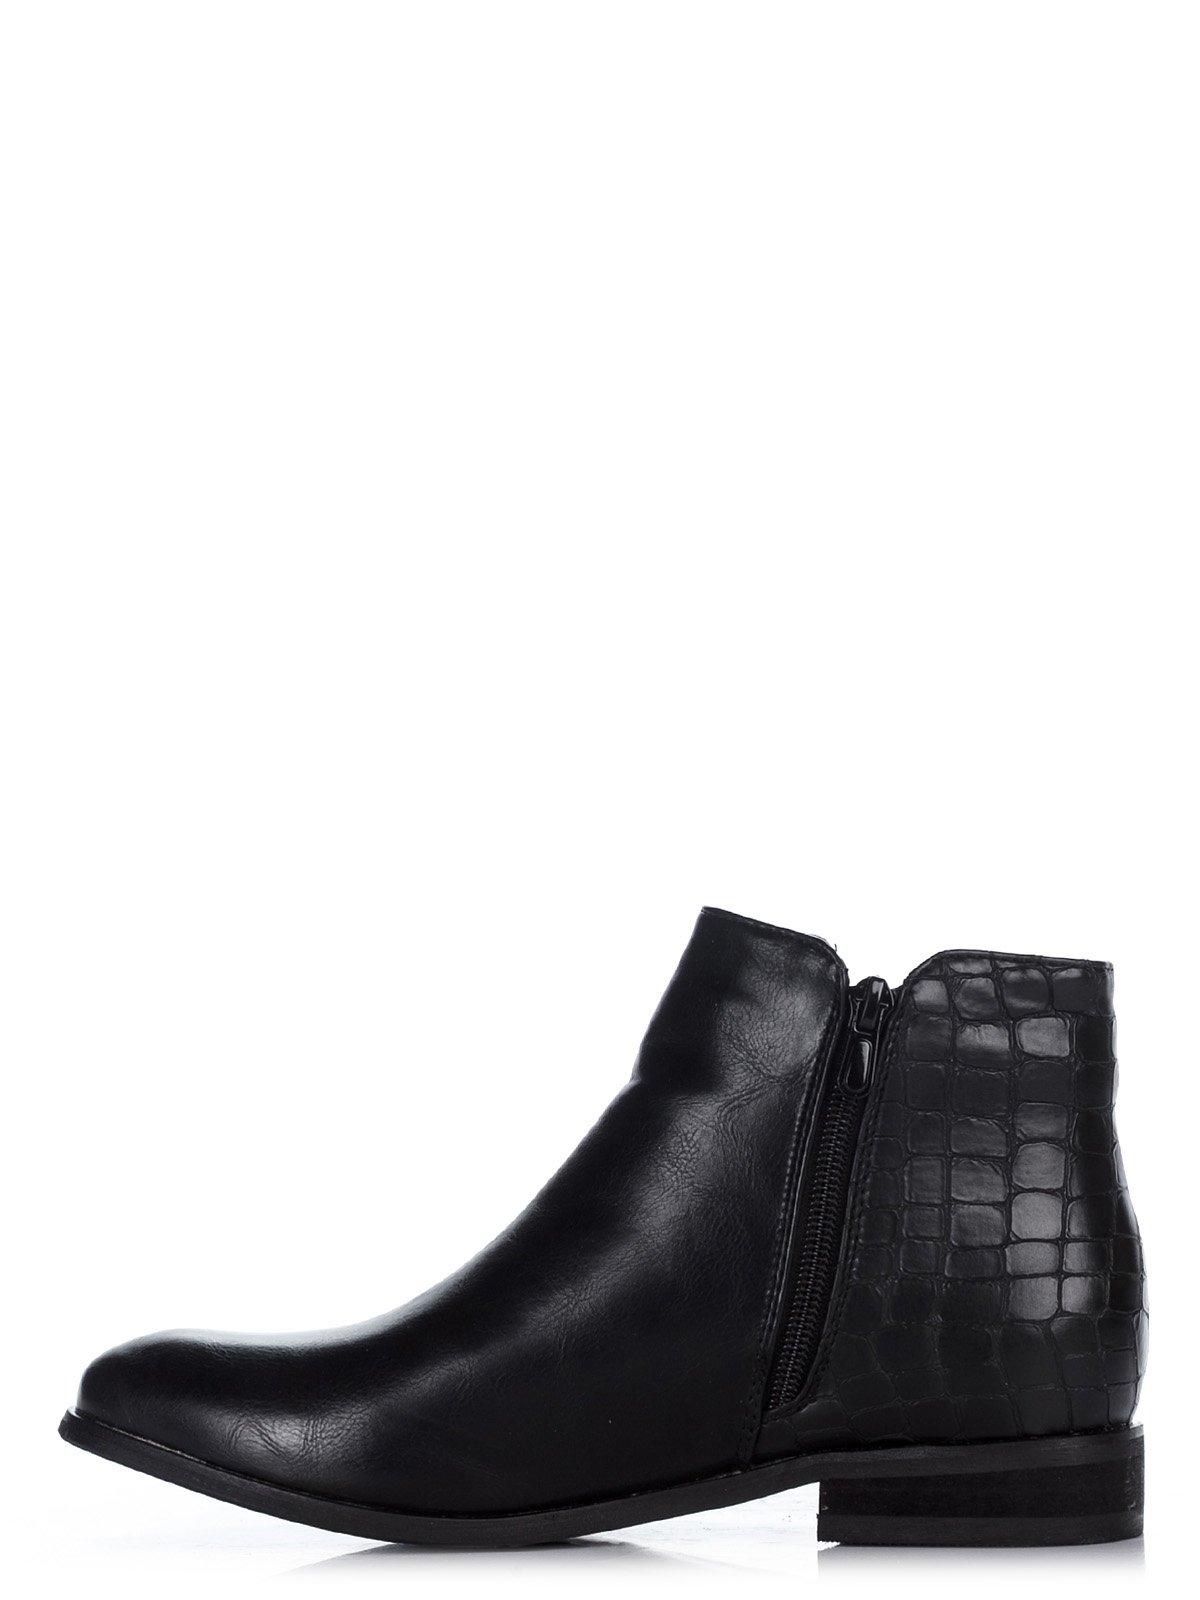 Ботинки черные | 1895487 | фото 2